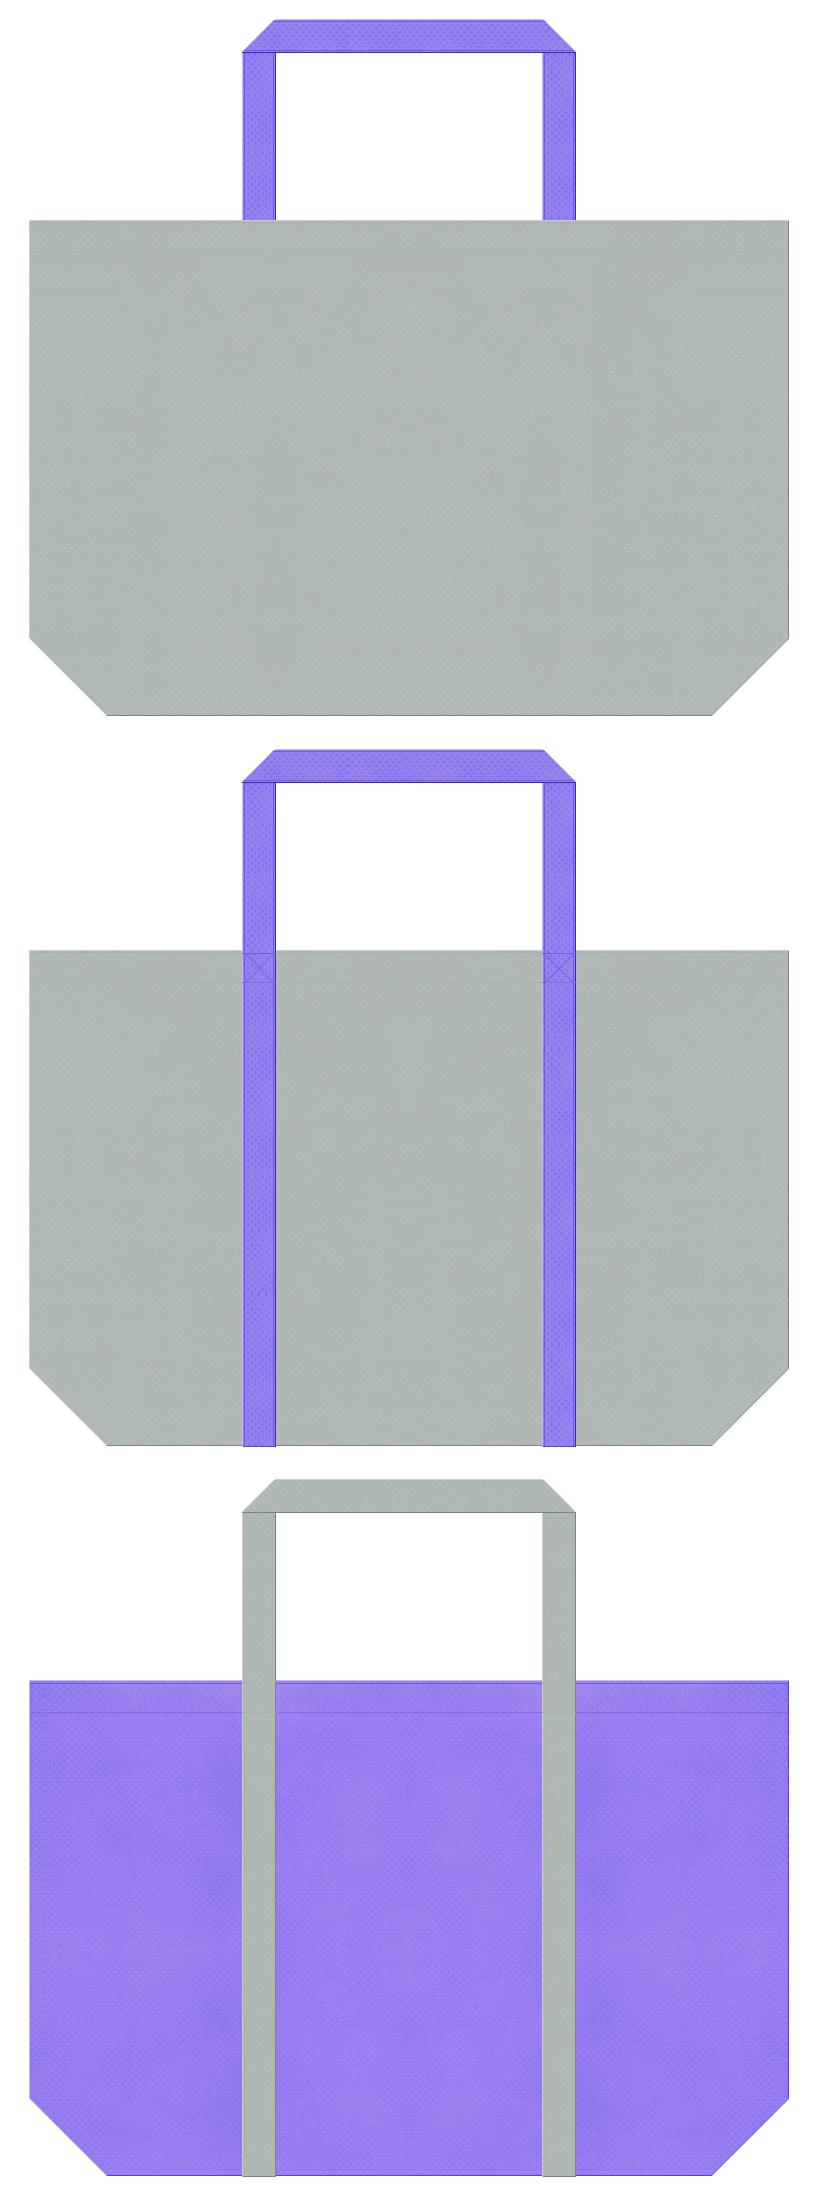 グレー色と薄紫色の不織布エコバッグのデザイン。事務服のイメージにお奨めの配色です。